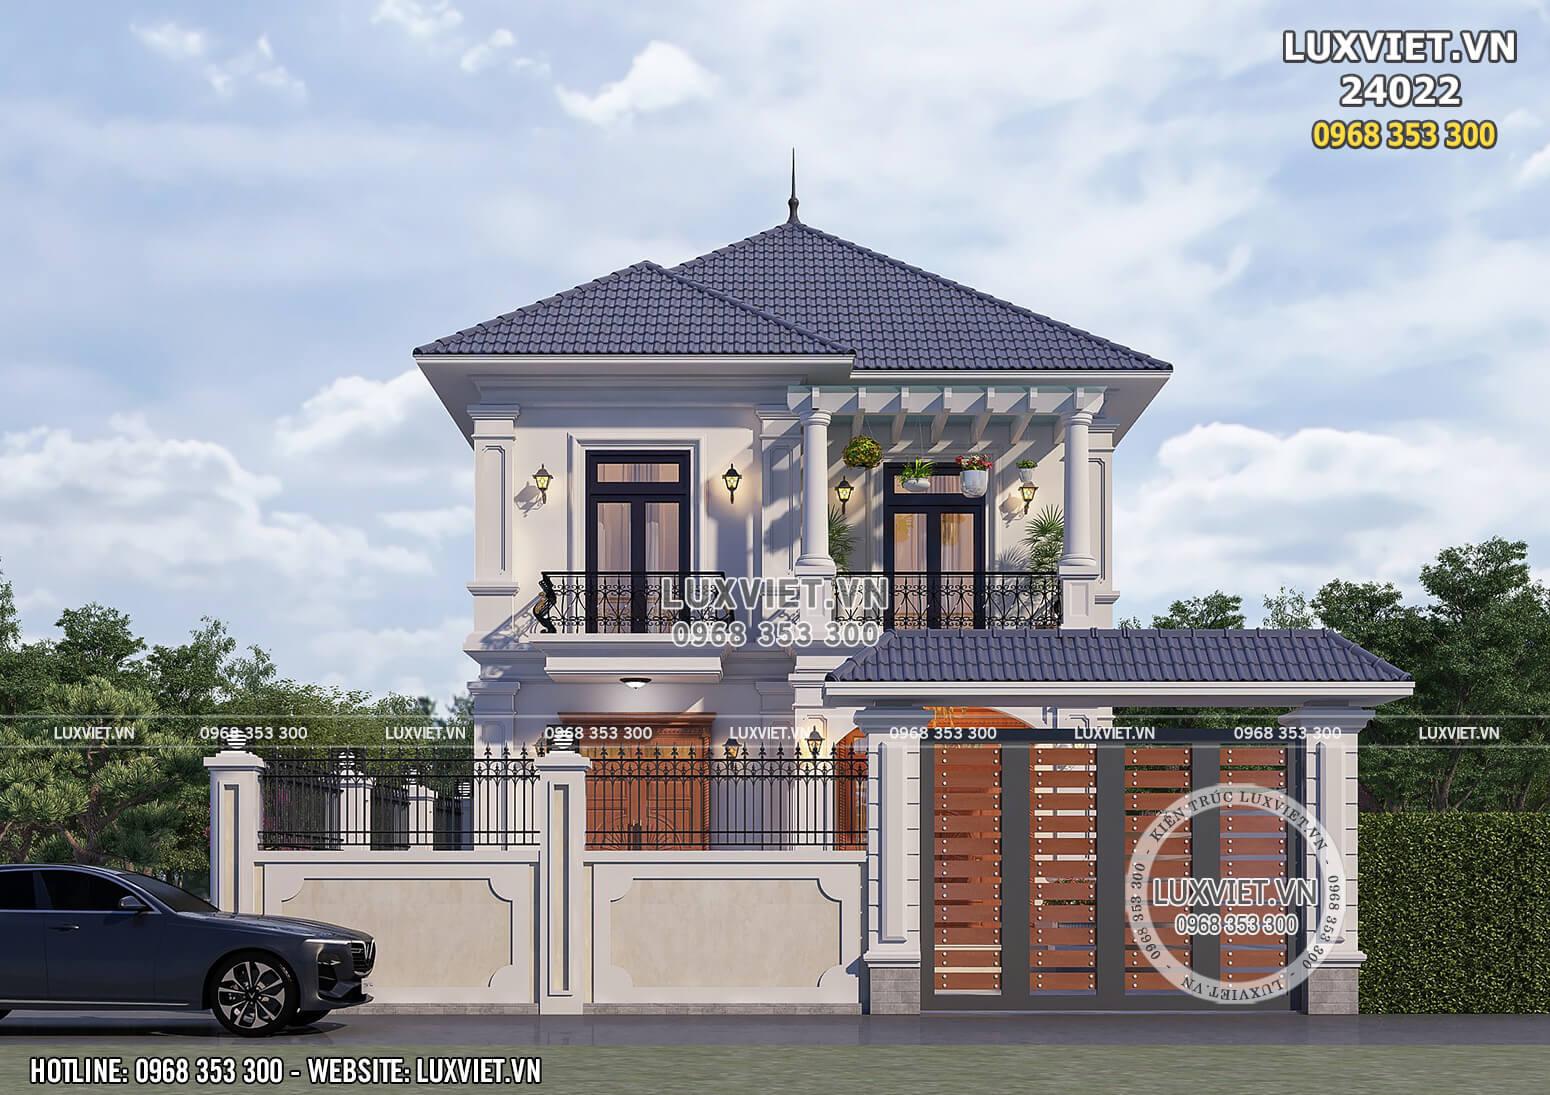 Hình ảnh: Mặt tiền trong thiết kế của mẫu nhà 2 tầng mái Nhật - LV 24022